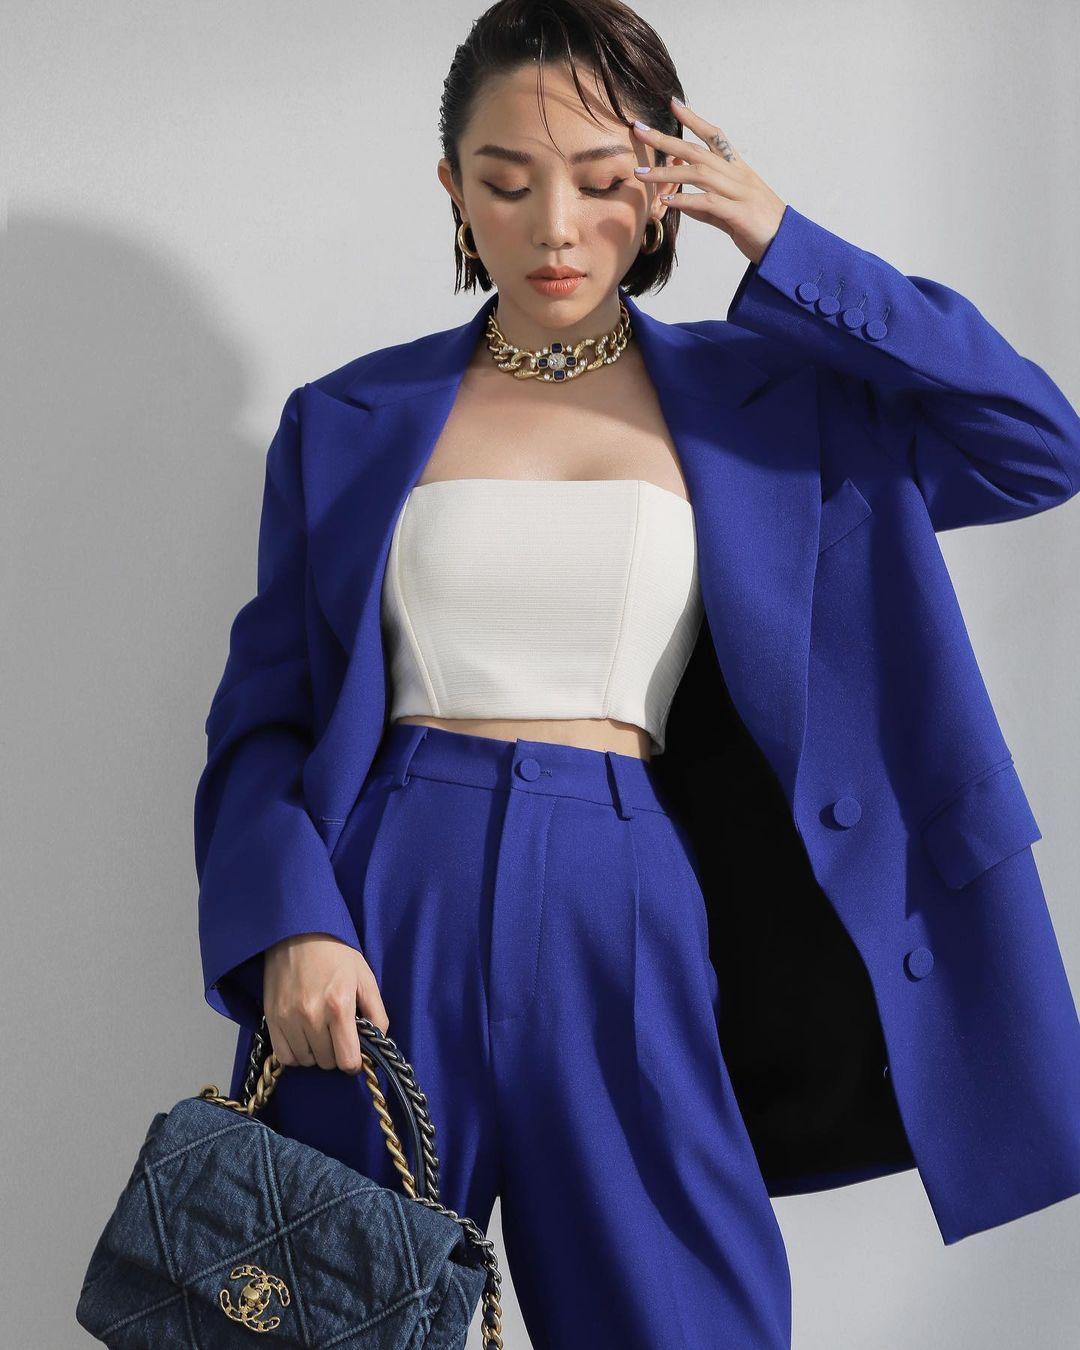 Áo blazer phối cùng bộ suit đồng điệu màu xanh phá cách thời thượng